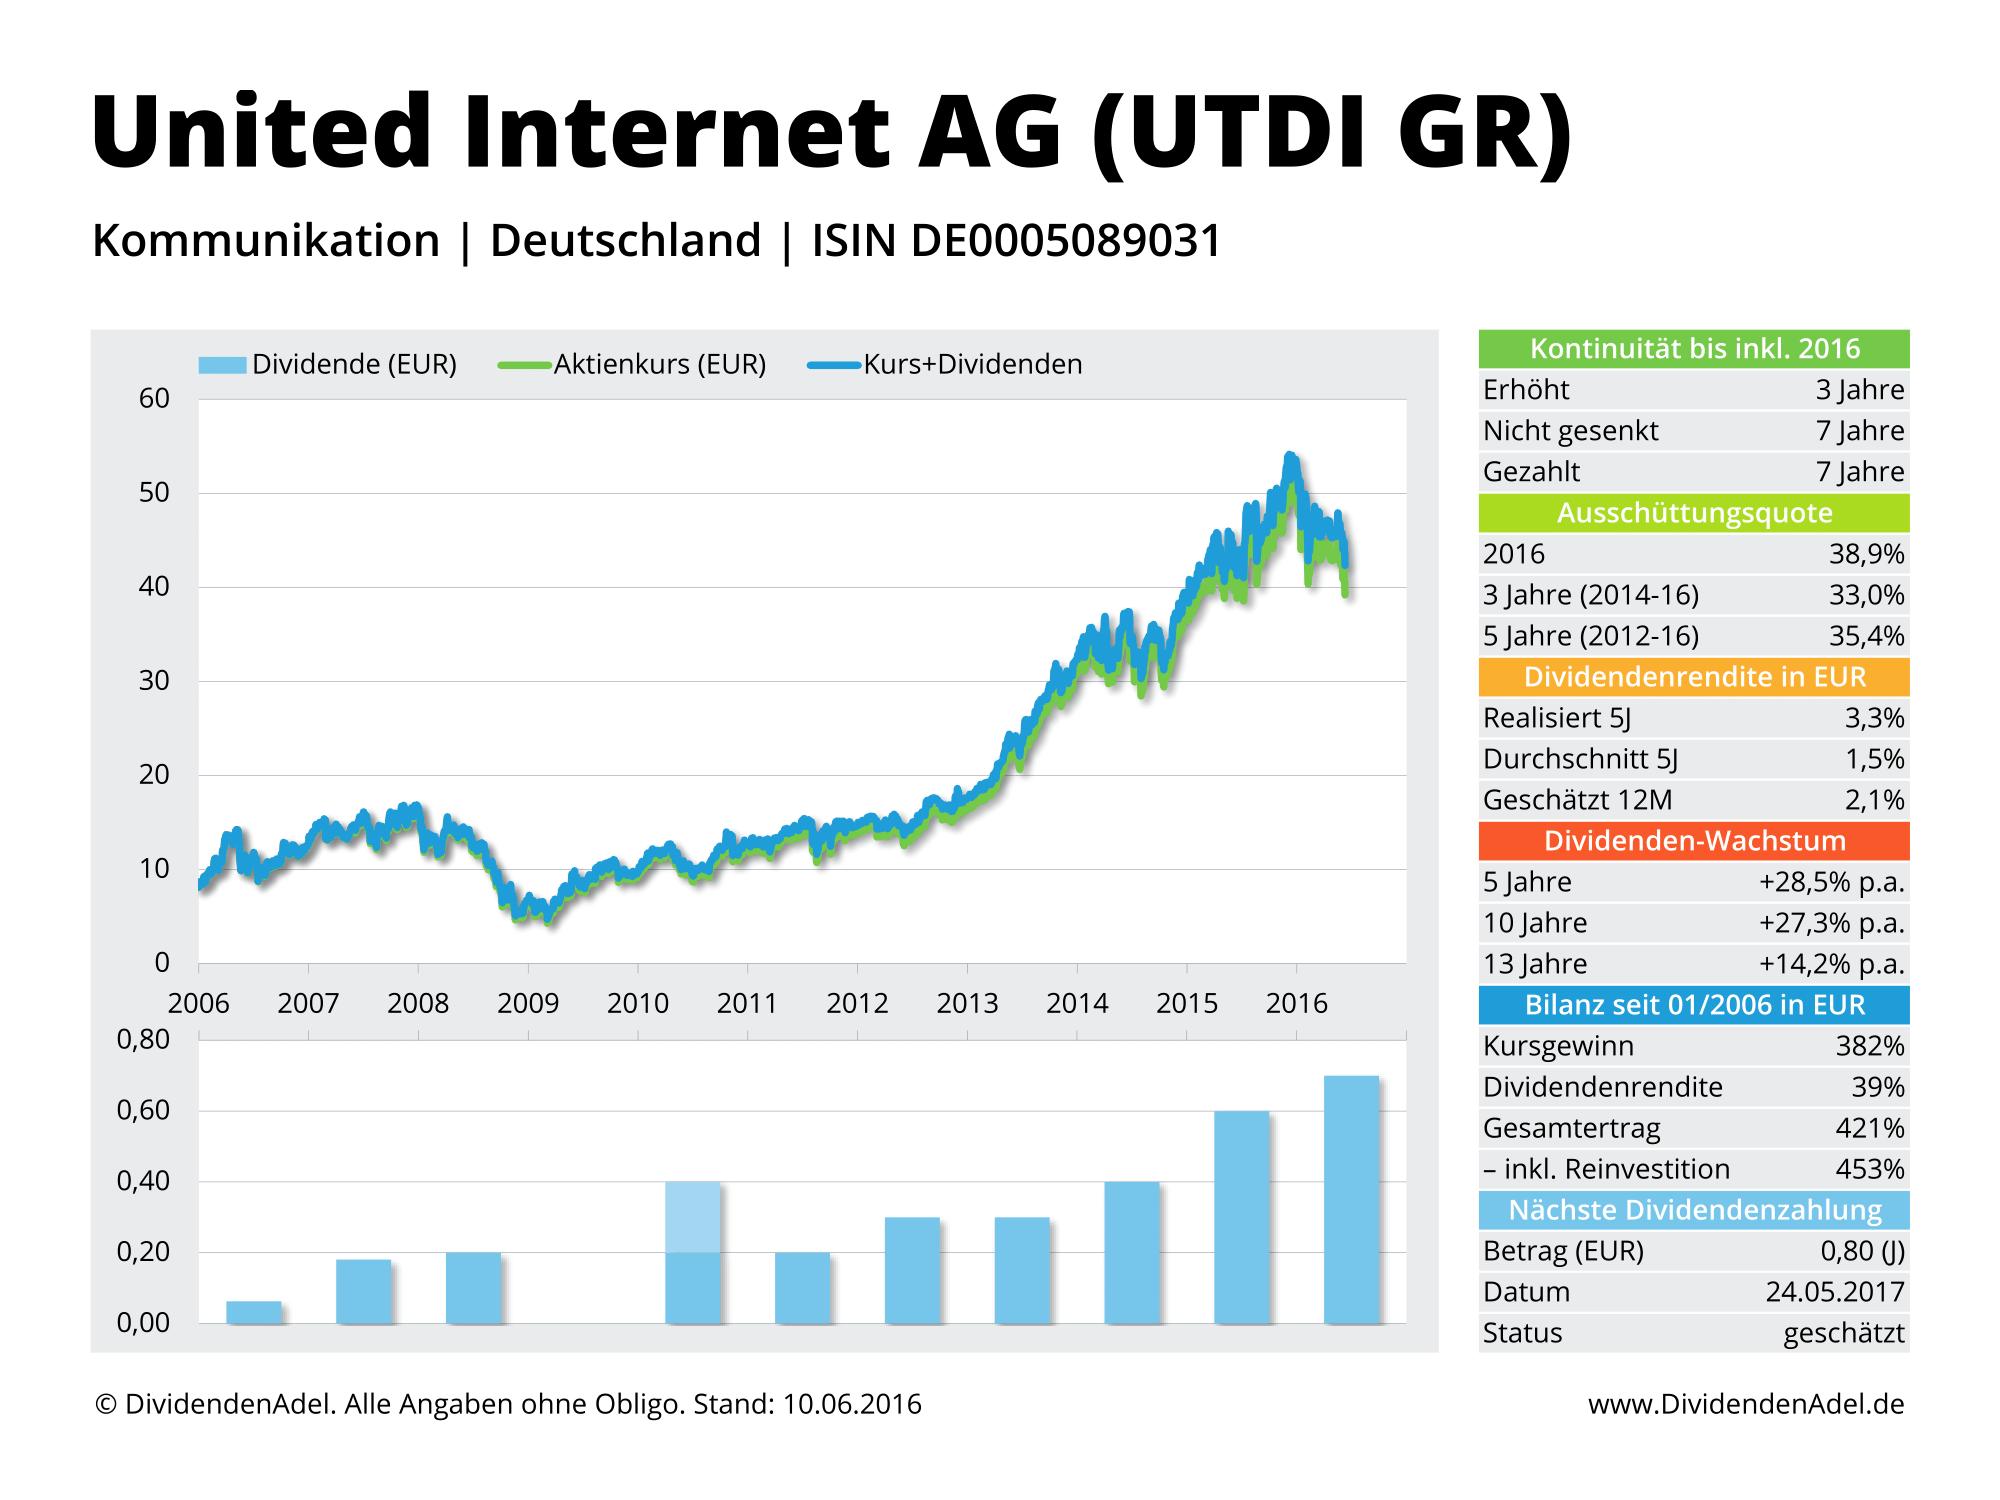 2016-06-10 Dividendenprofil UTDI GR ab 2006 Web-1